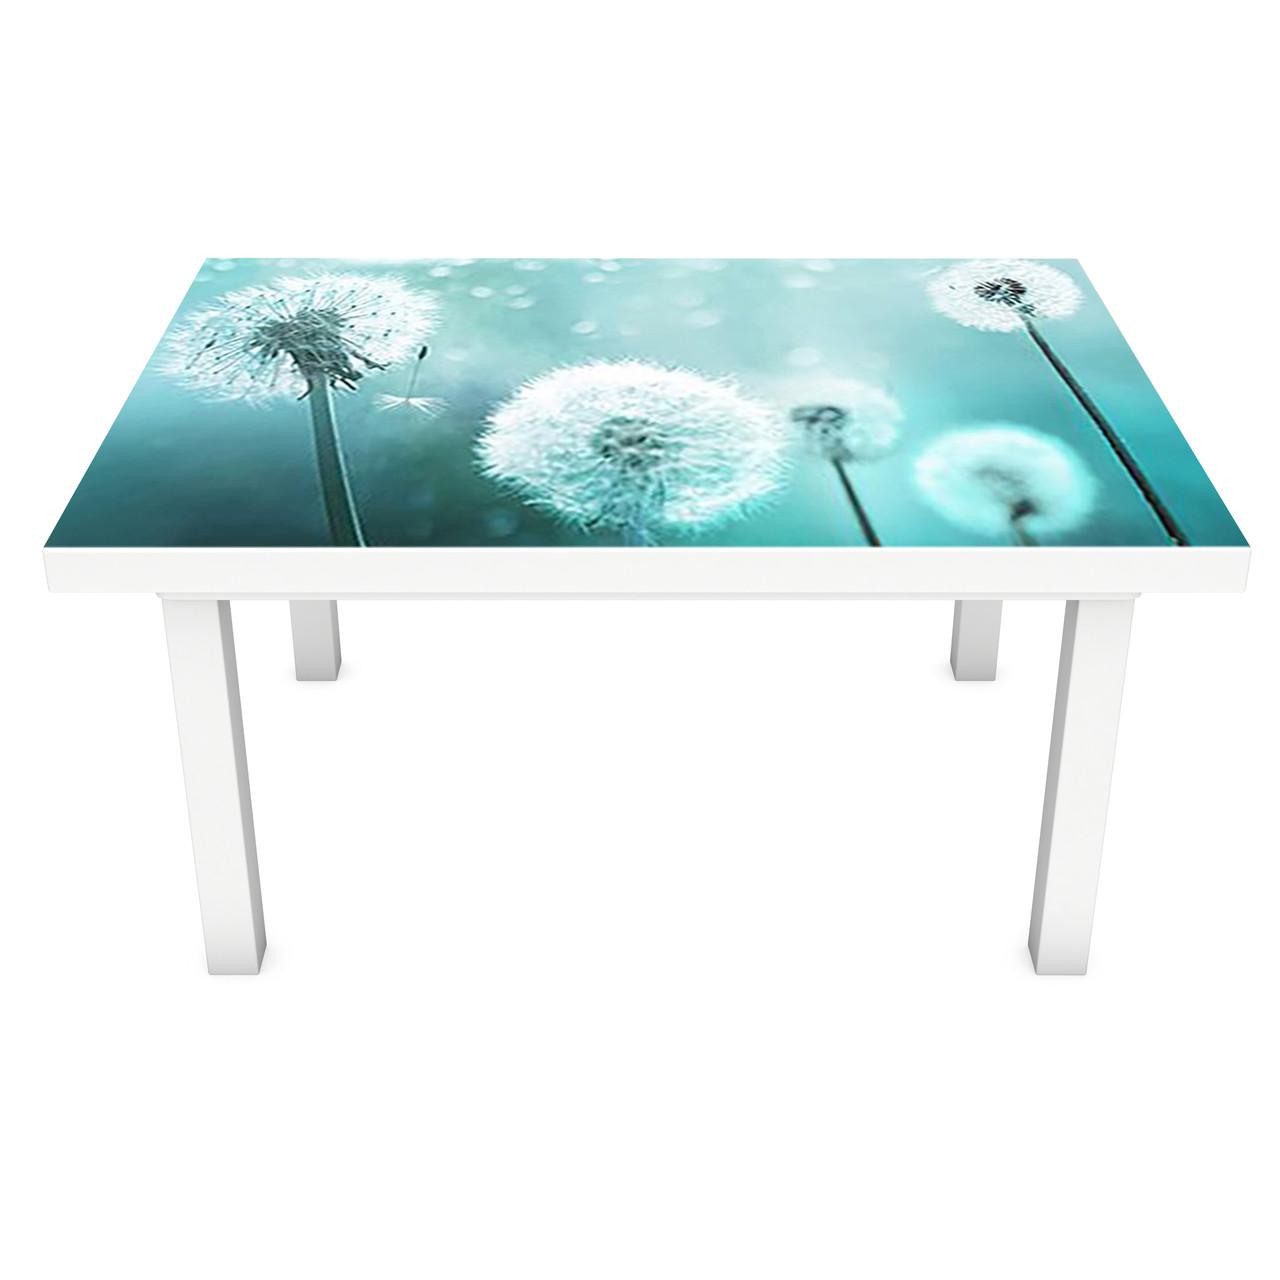 Наклейка на стіл вінілова Бірюзові Кульбаби на меблі інтер'єрна ПВХ 3Д квіти блакитний 600*1200 мм